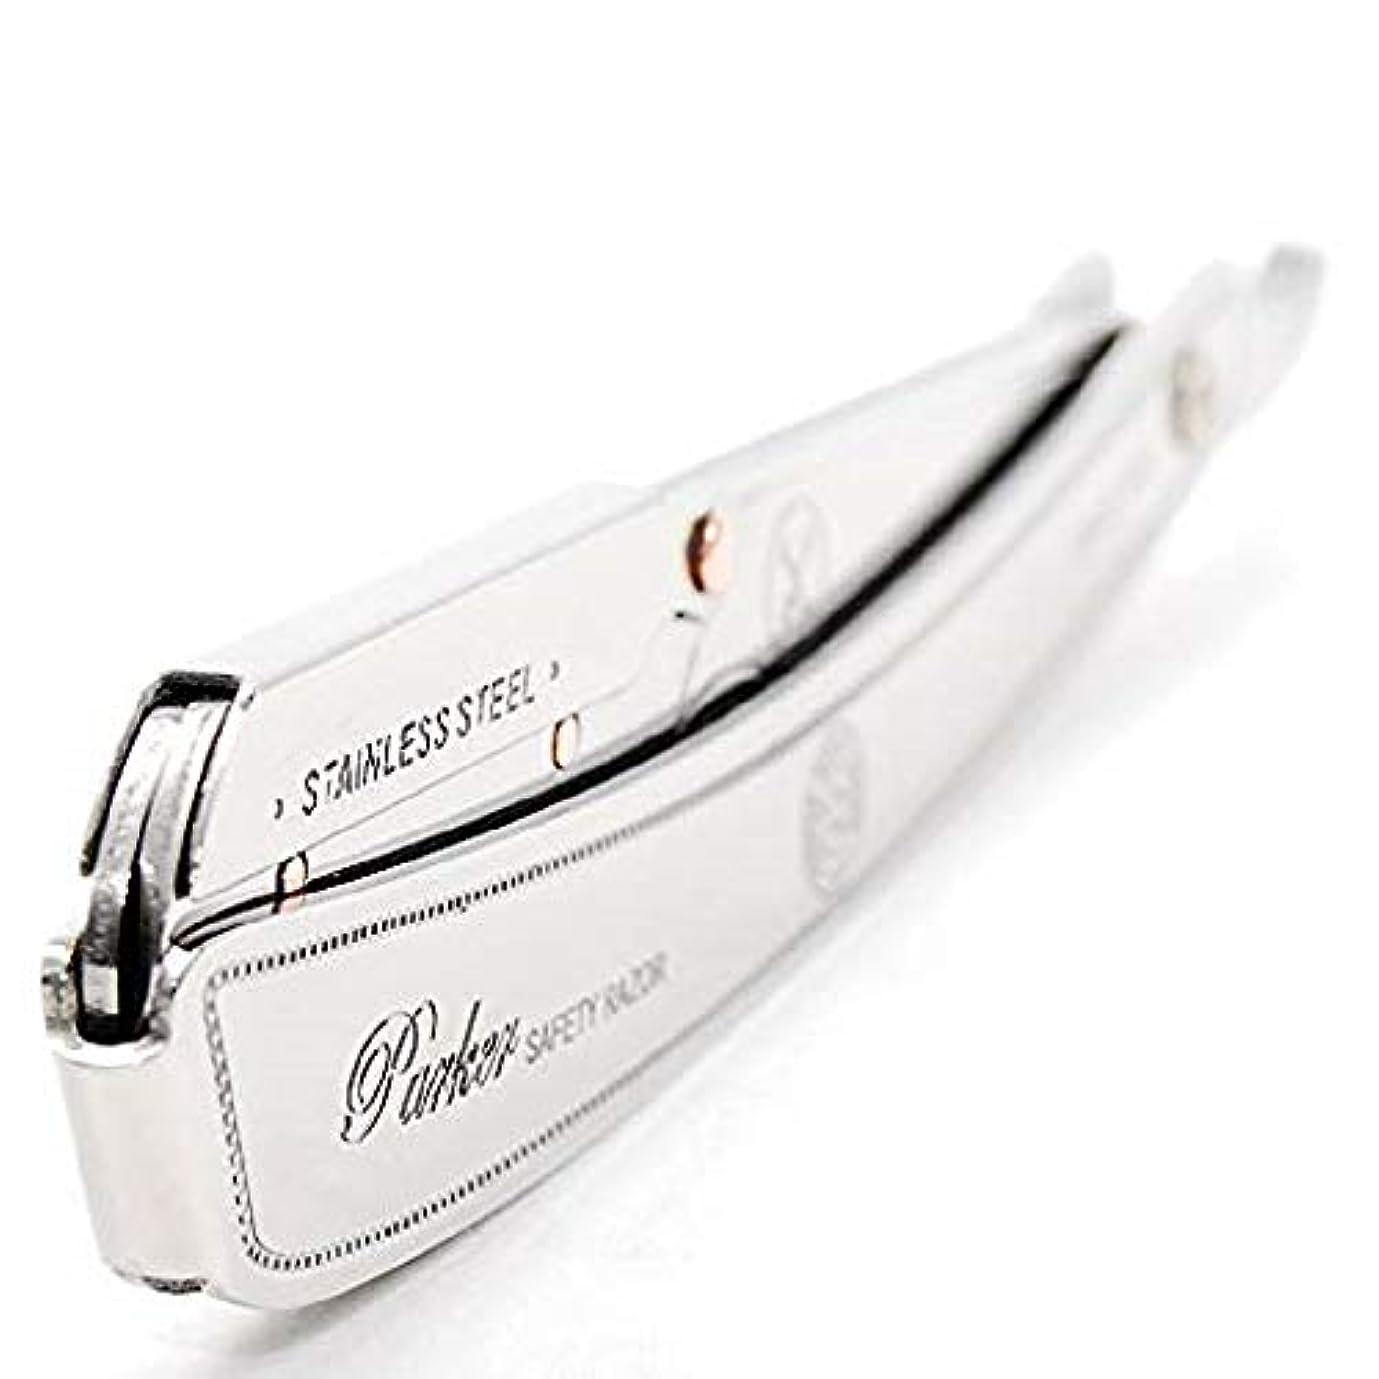 酔っ払い皮シェルパーカー(Parker) SRX 剃刀 プロ用 替刃100枚、セーフティ替刃ゴミ箱の3点セット [並行輸入品]